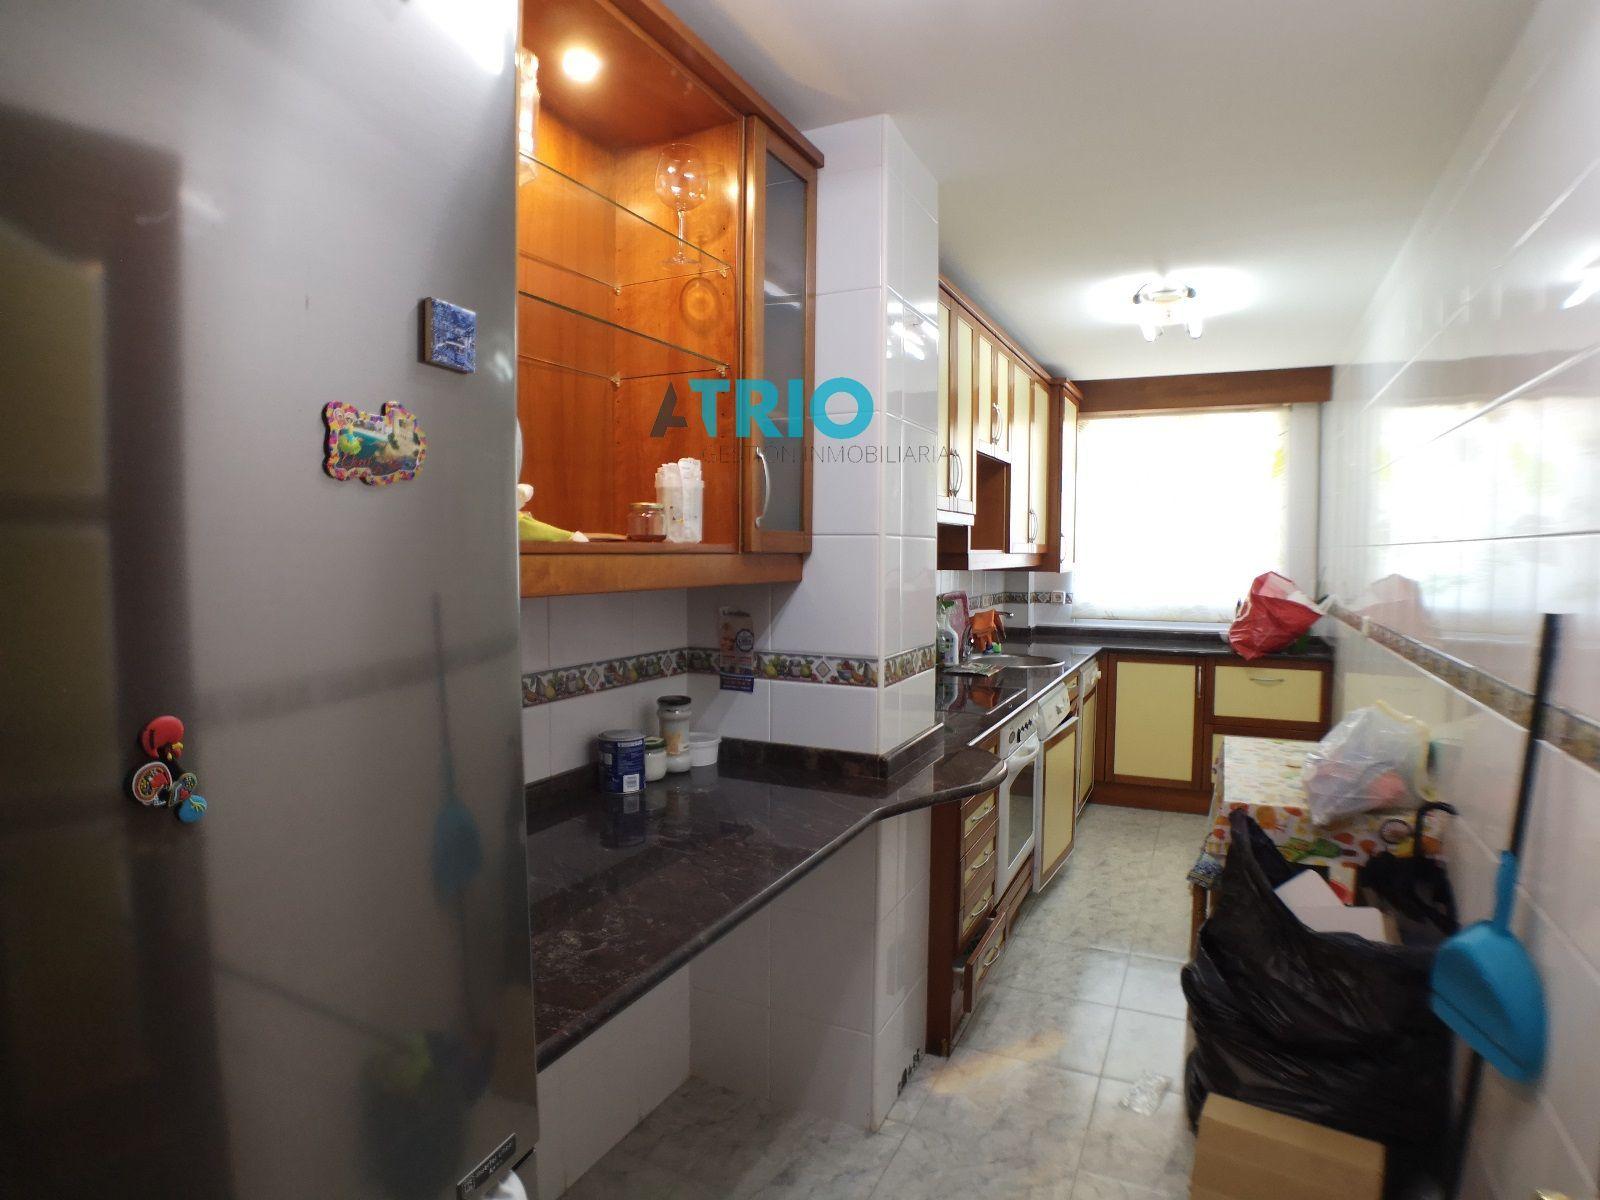 dia.mobiliagestion.es/Portals/inmoatrio/Images/7106/5520804